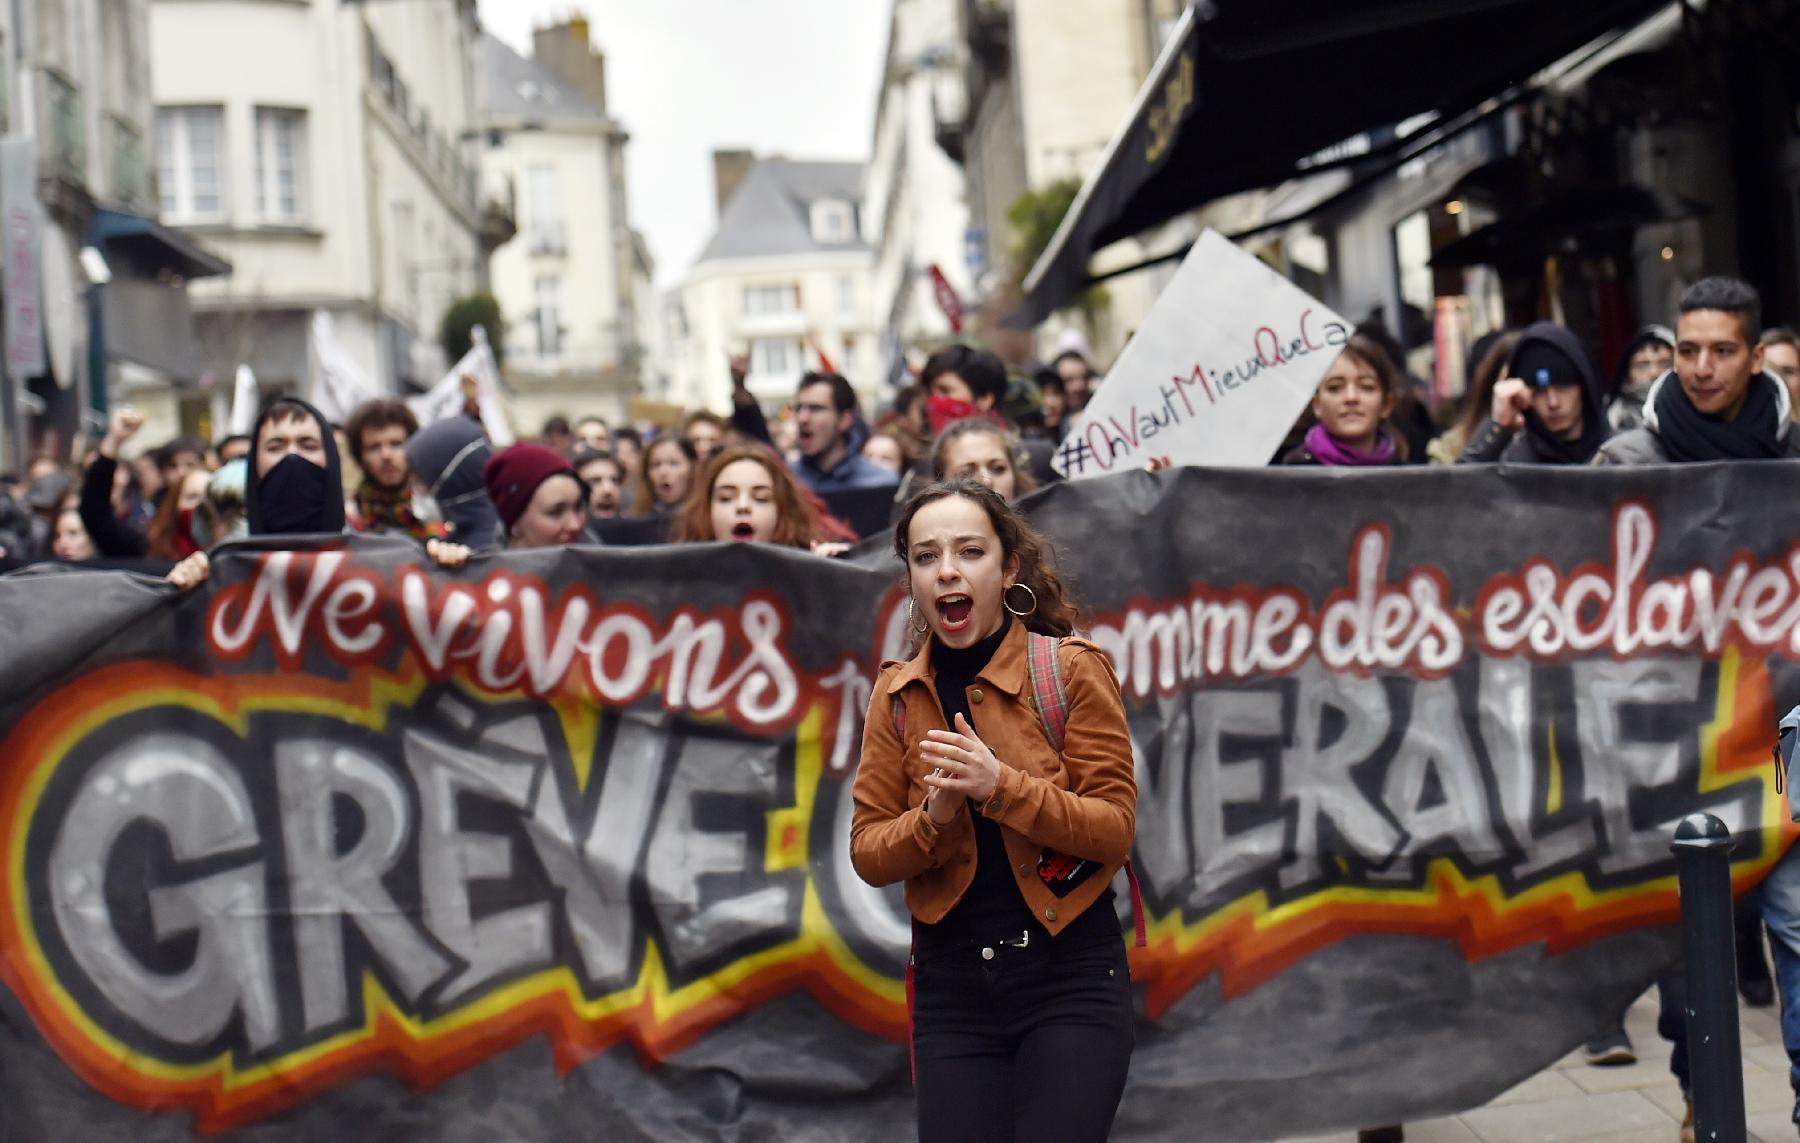 Pour le retrait du projet de loi, les AG doivent imposer l'appel à la grève générale contre le gouvernement !